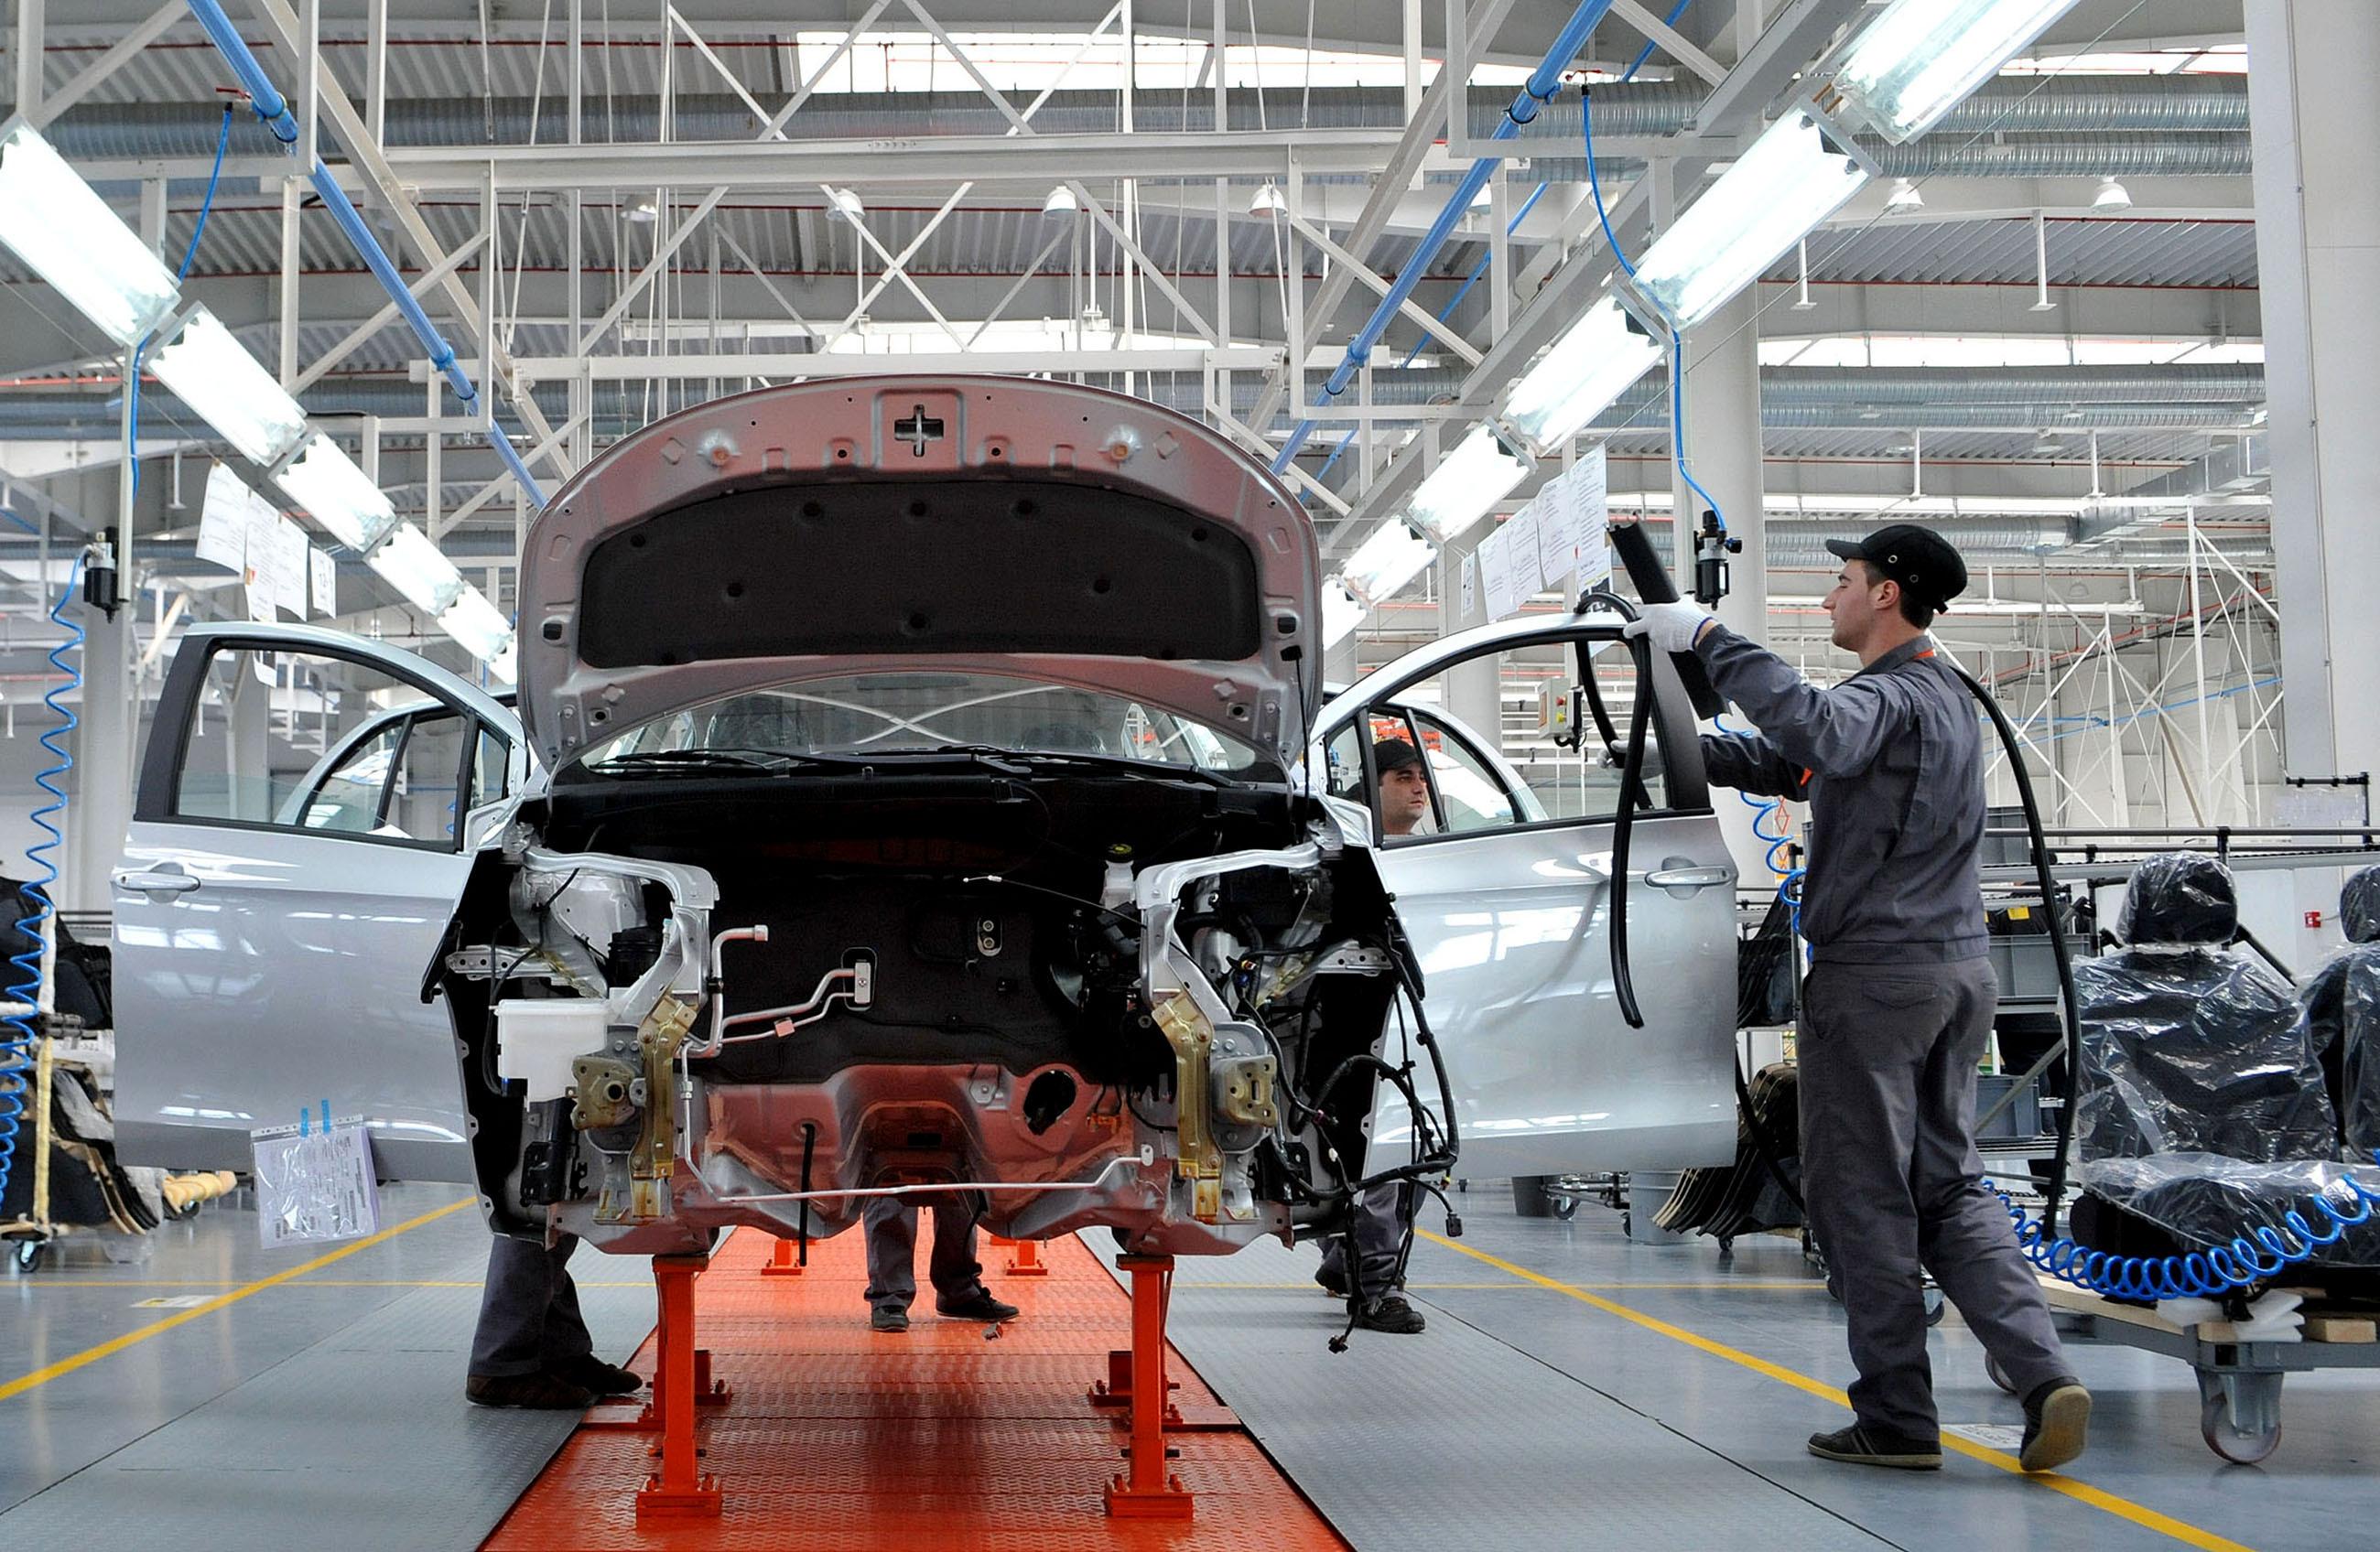 veículos leves, empresas do setor veículos leves, empresas do segmento veículos leves, setor veículos leves, segmento veículos leves, economia, macroeconomia